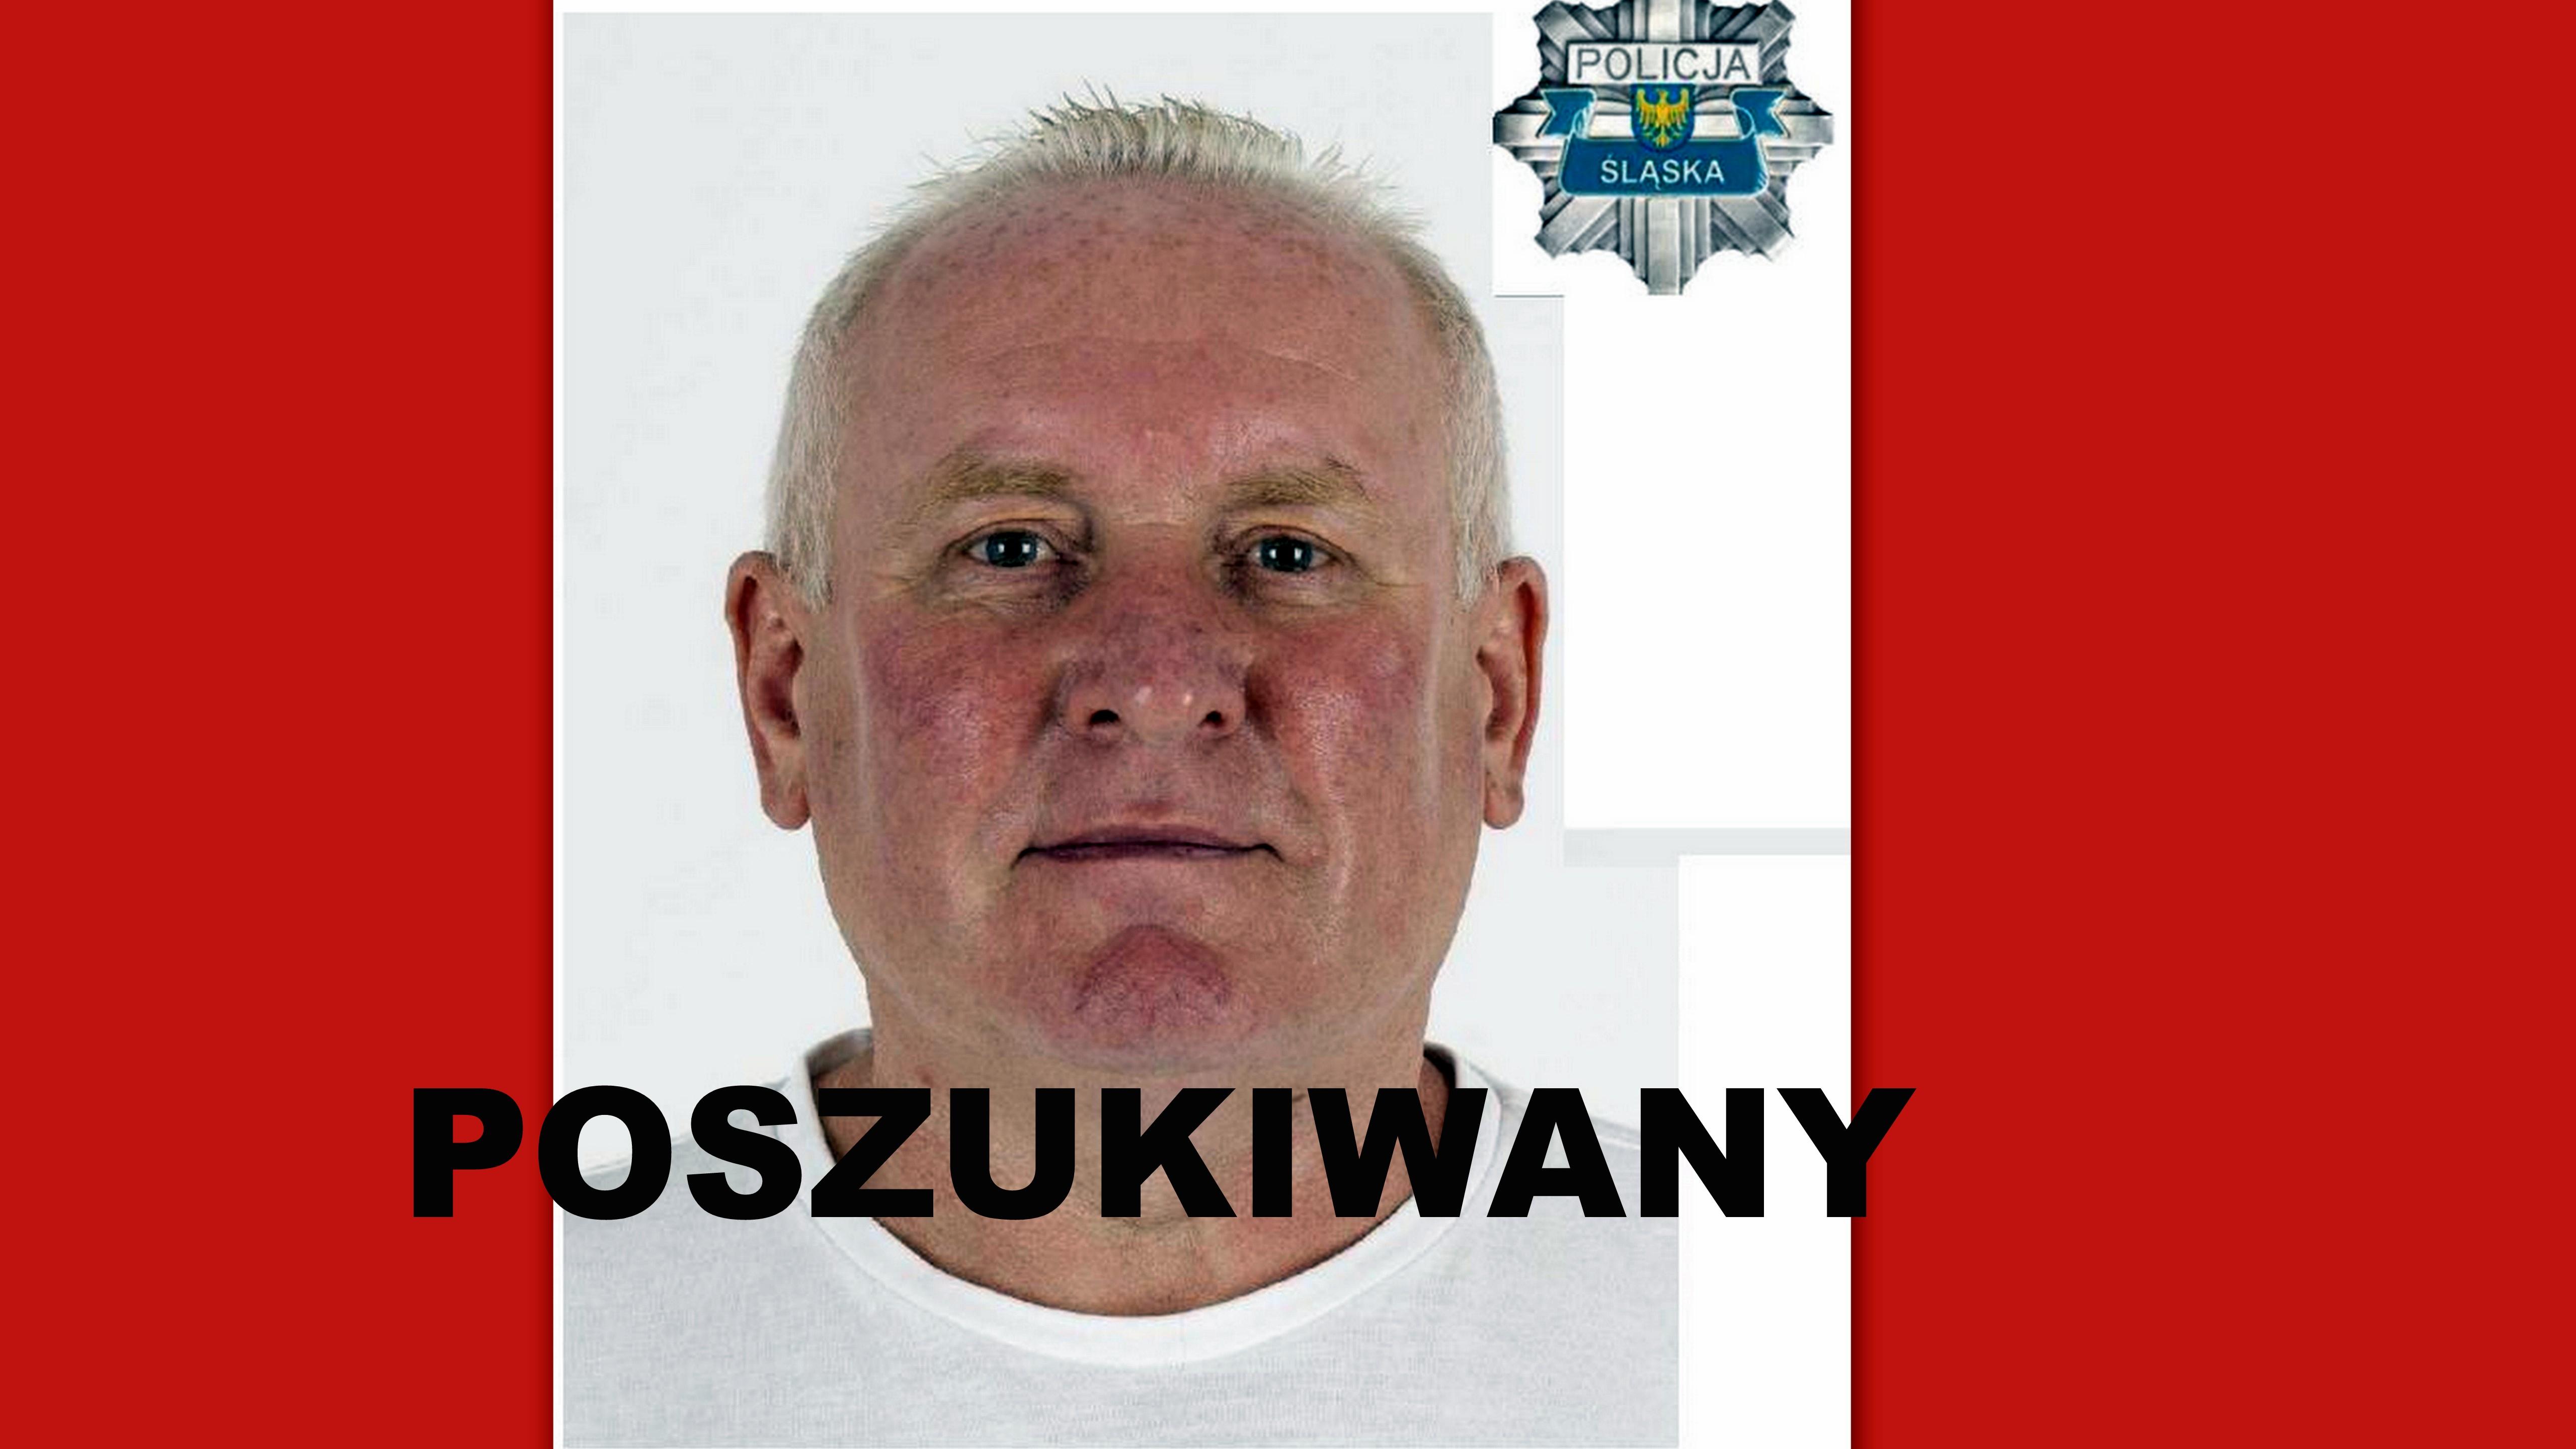 Podkarpacie: Jacek Jaworek miał być widziany w naszym województwie! Policja w akcji - Zdjęcie główne